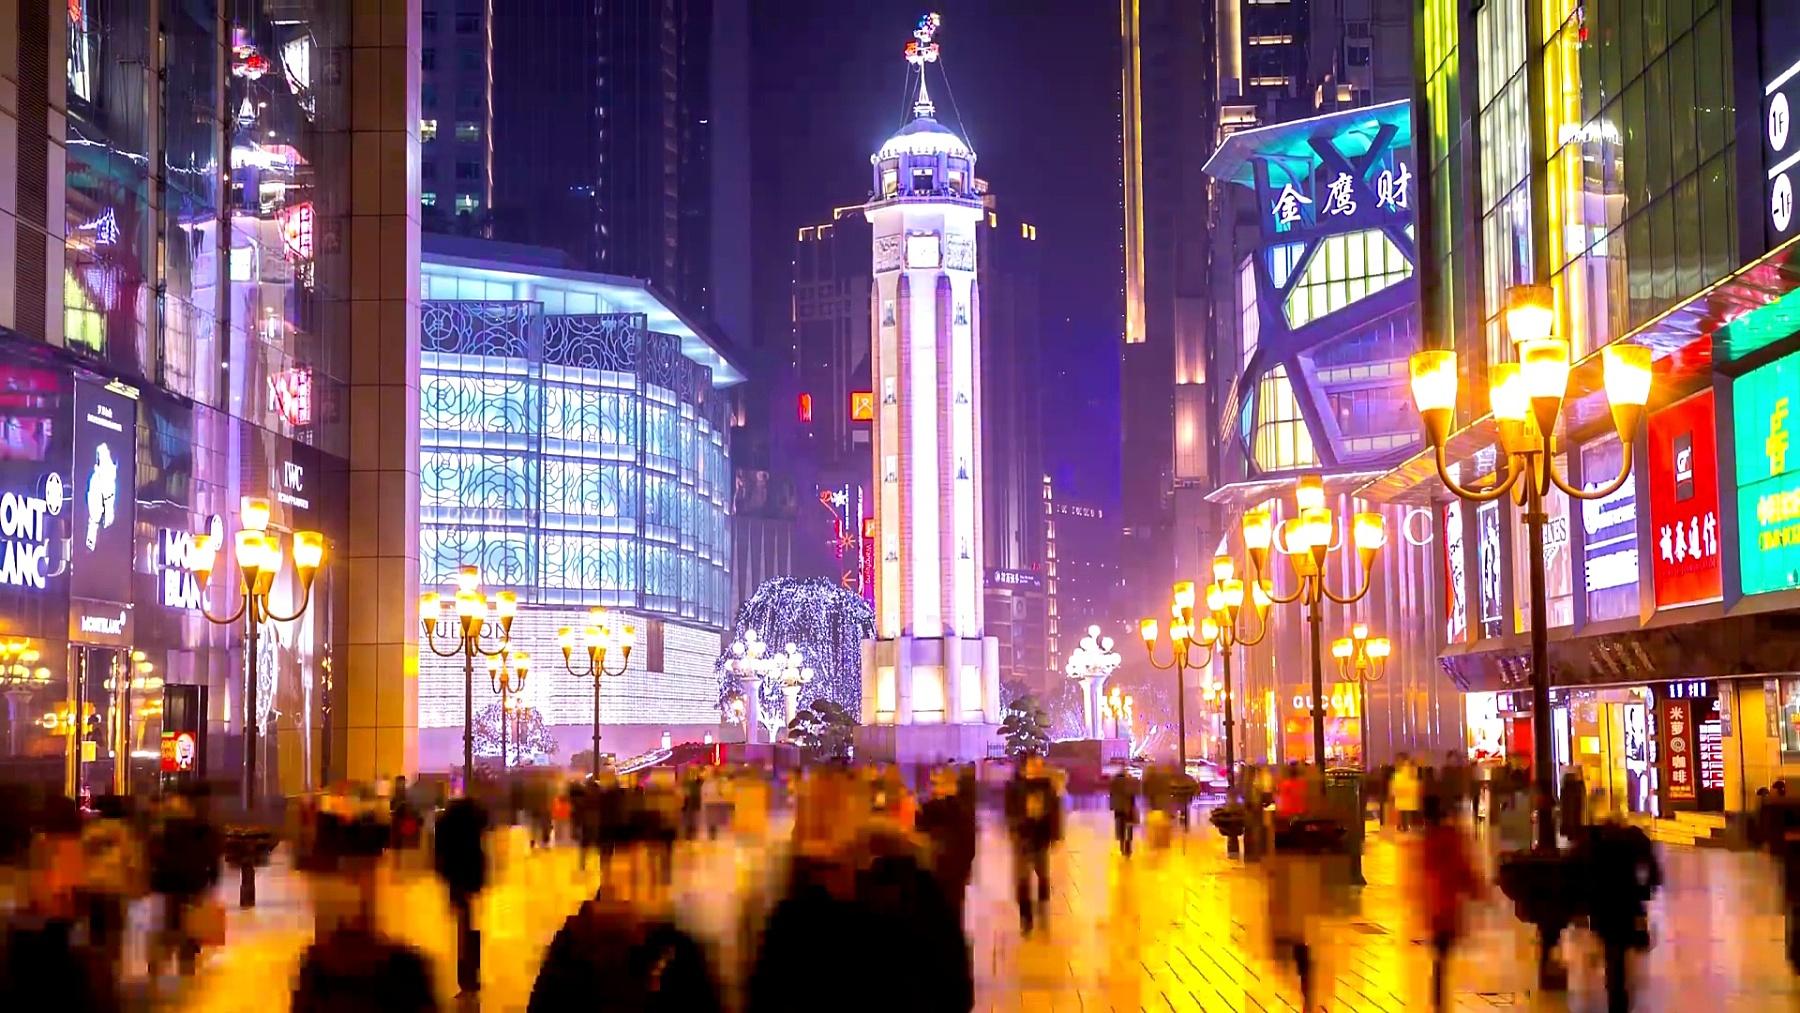 高清延时 中国重庆解放碑城市广场的行人人群